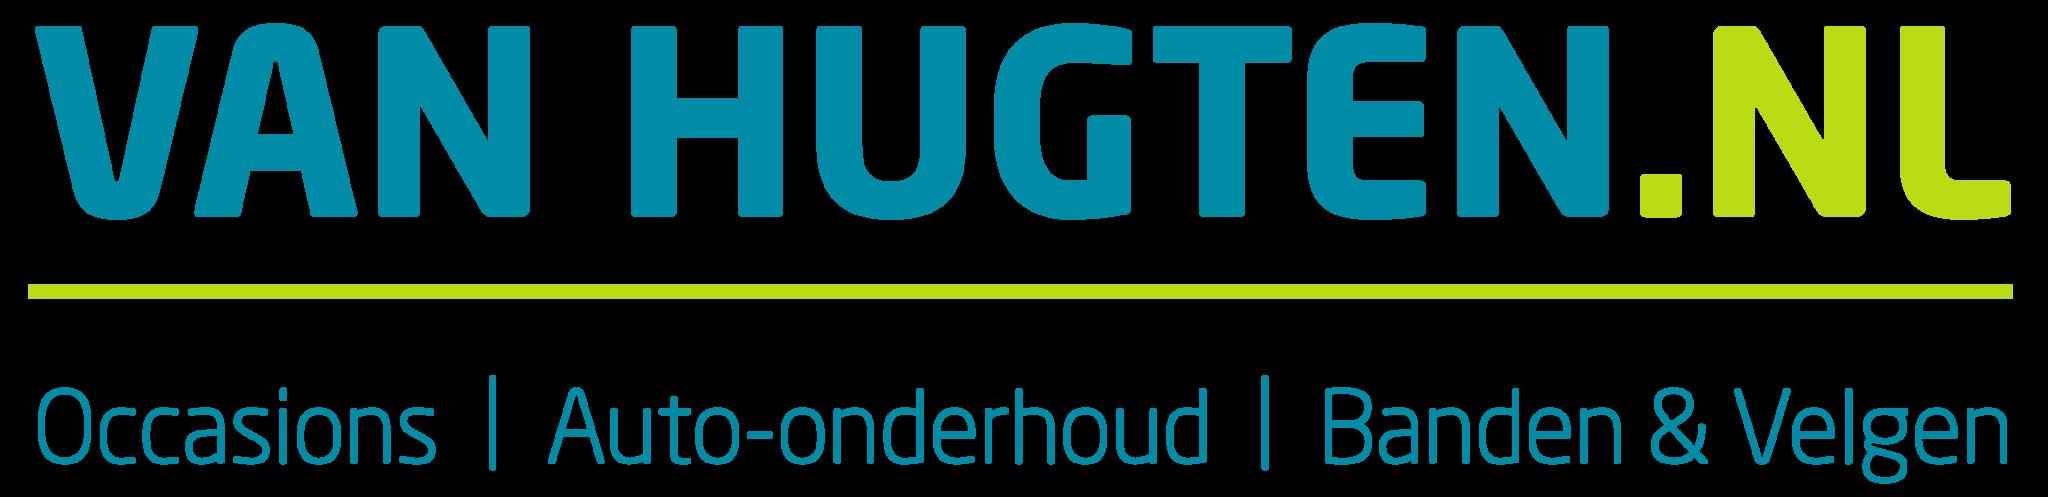 vanhugten.nl